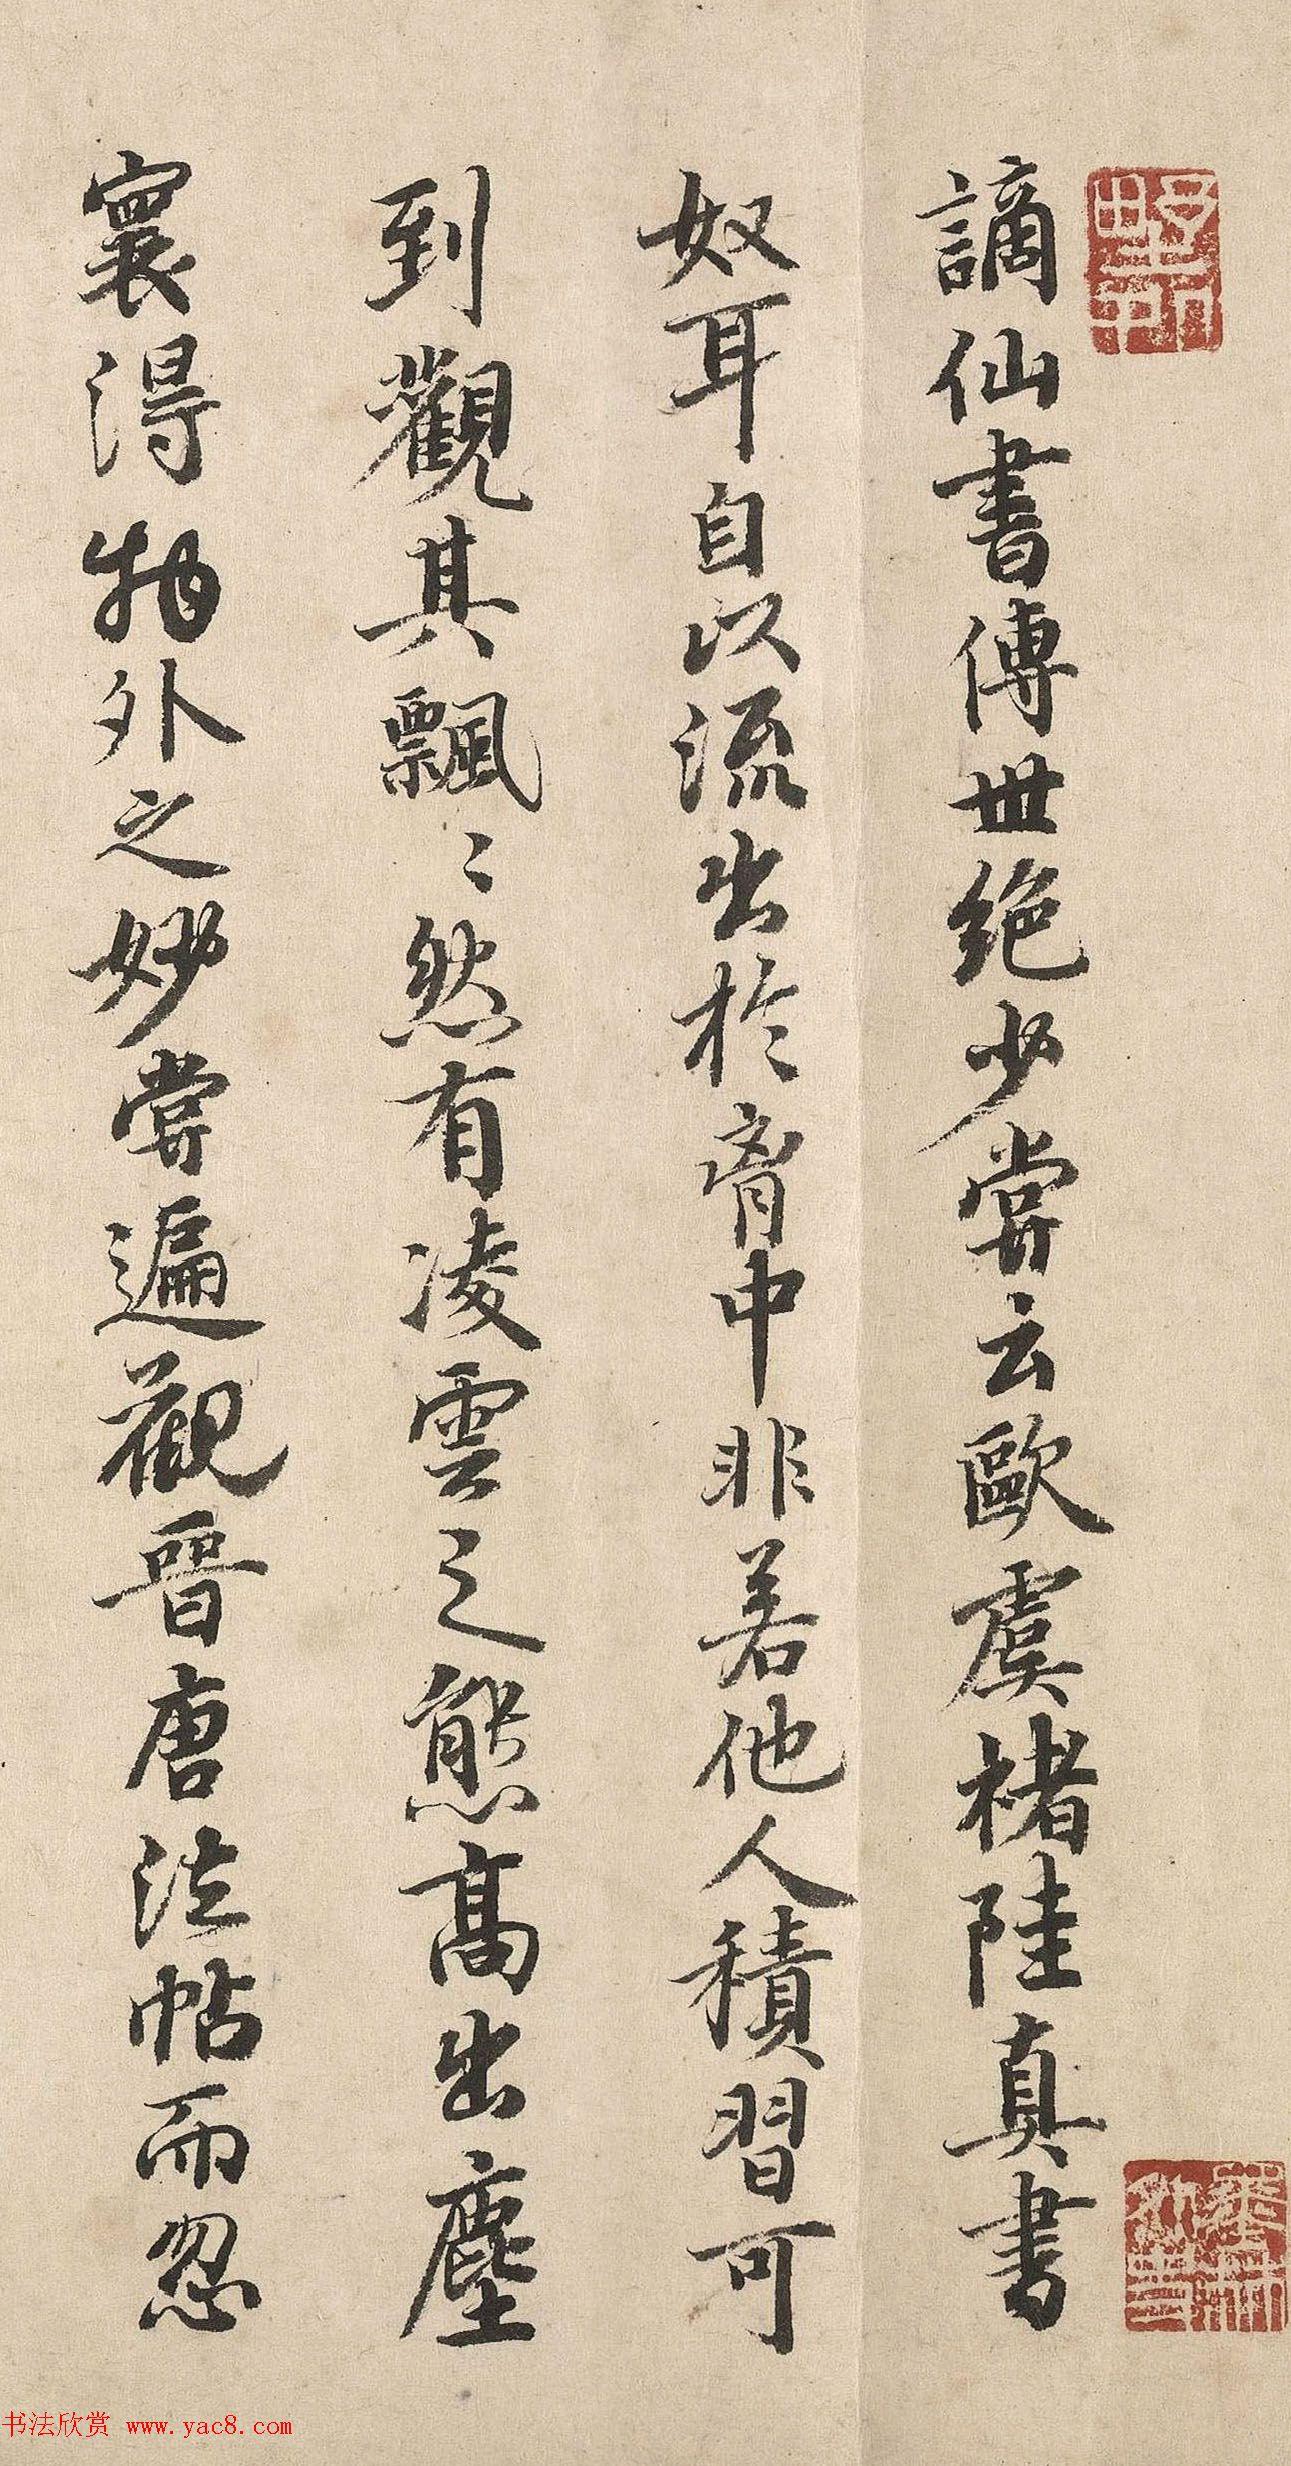 元代收藏家张晏书法题传世名作2幅